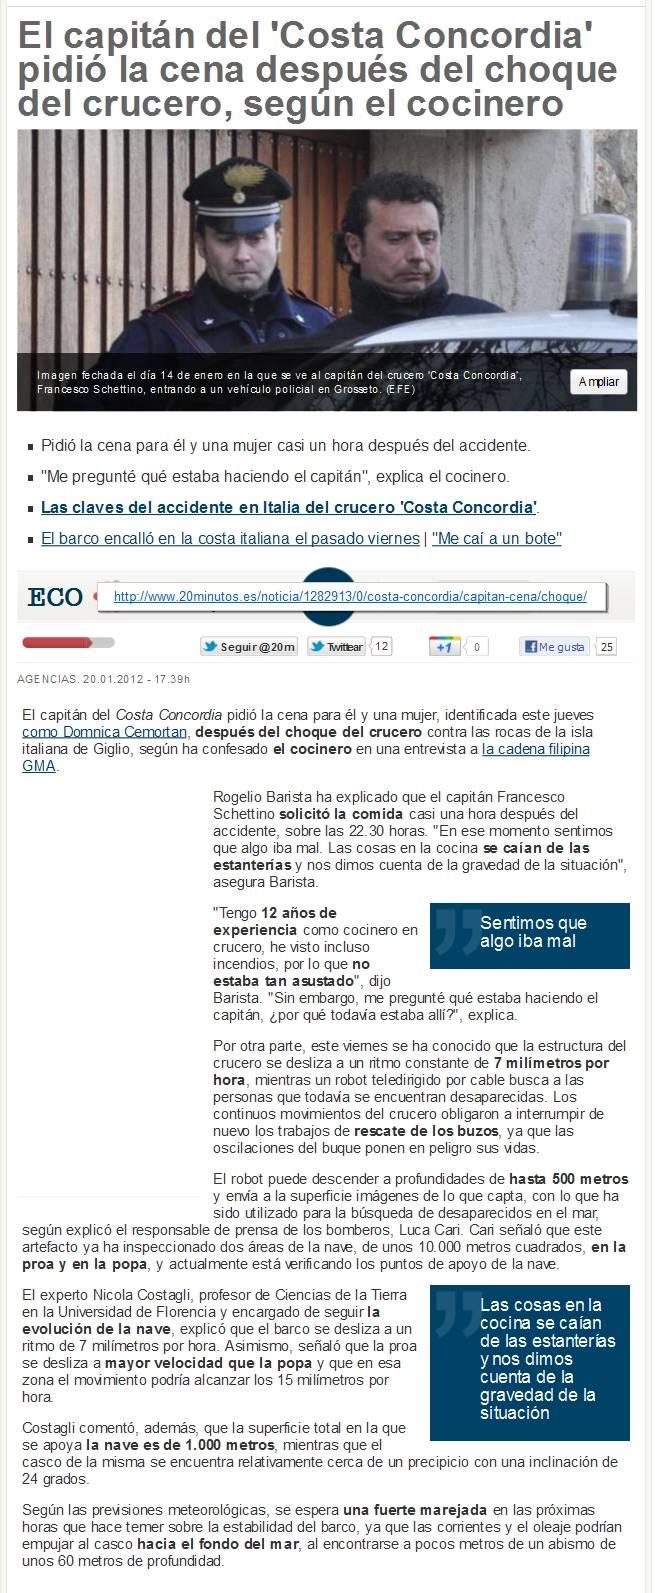 EL CRUCERO CONCORDIA - LA HISTORIA DE 2 CAPITANES Artay